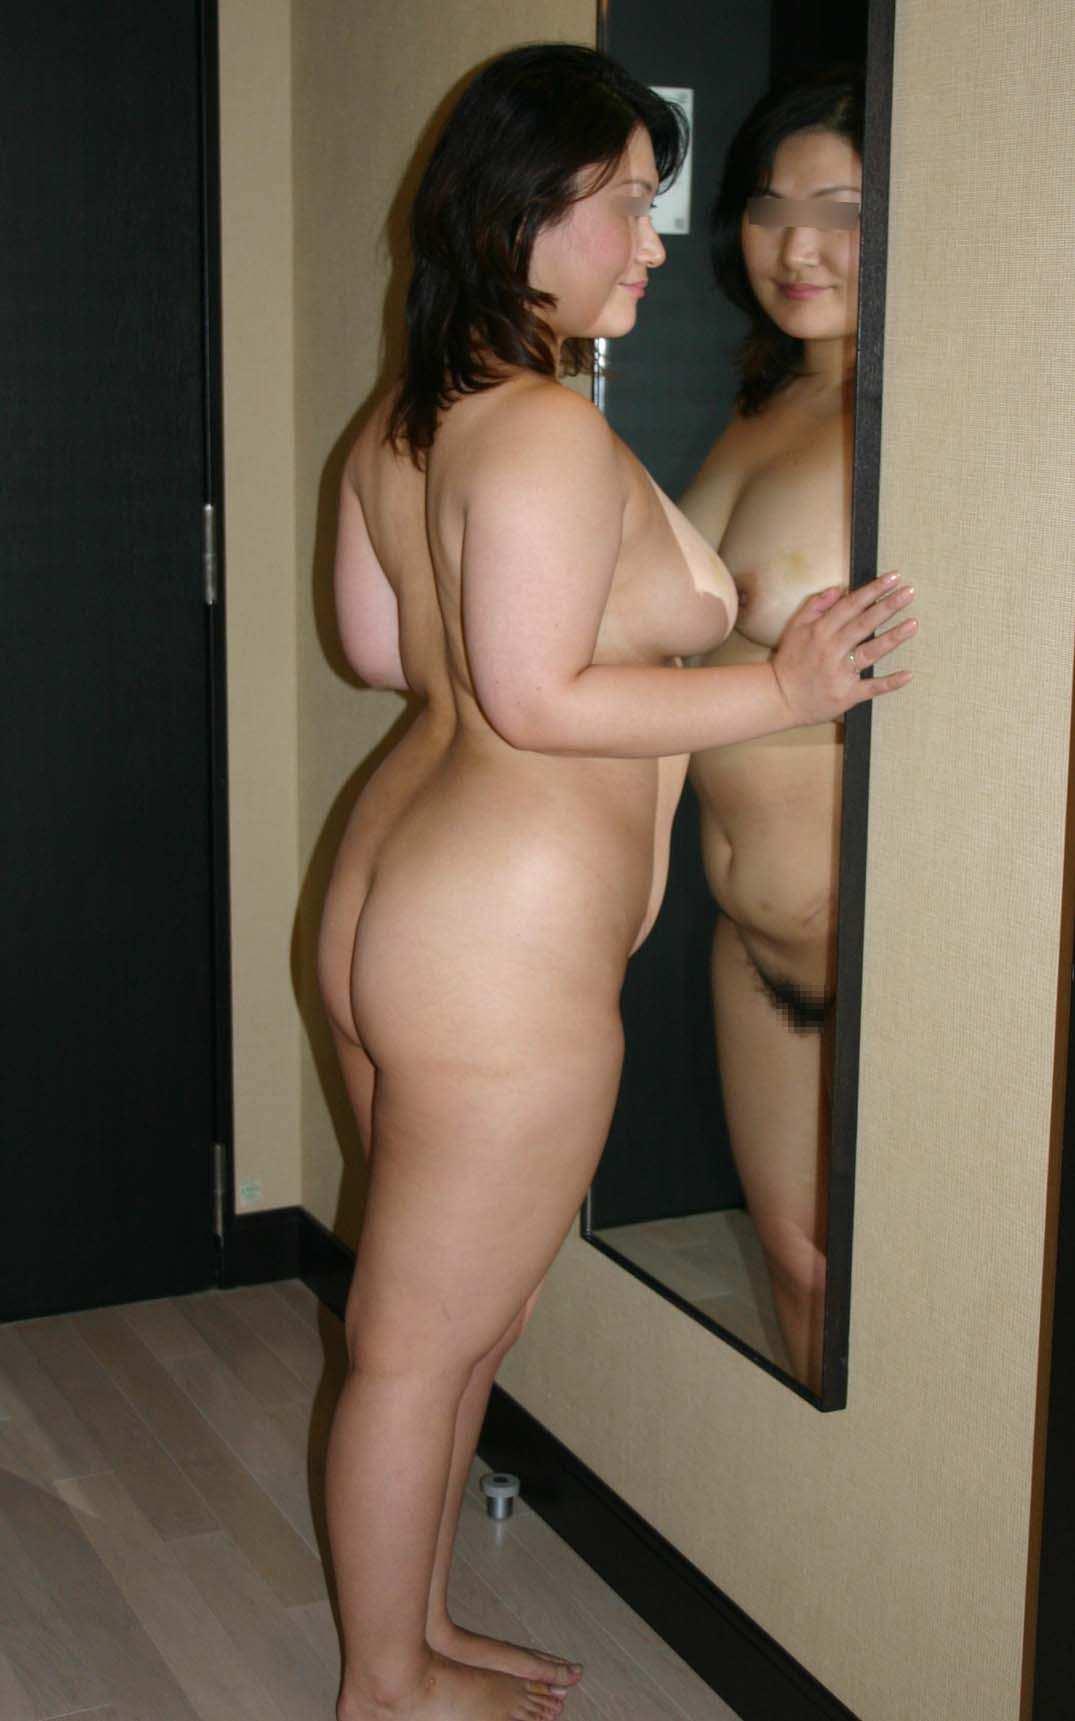 体たらくっぷりが逆に可愛いデブ専おデブちゃんヌードの素人エロ画像 935